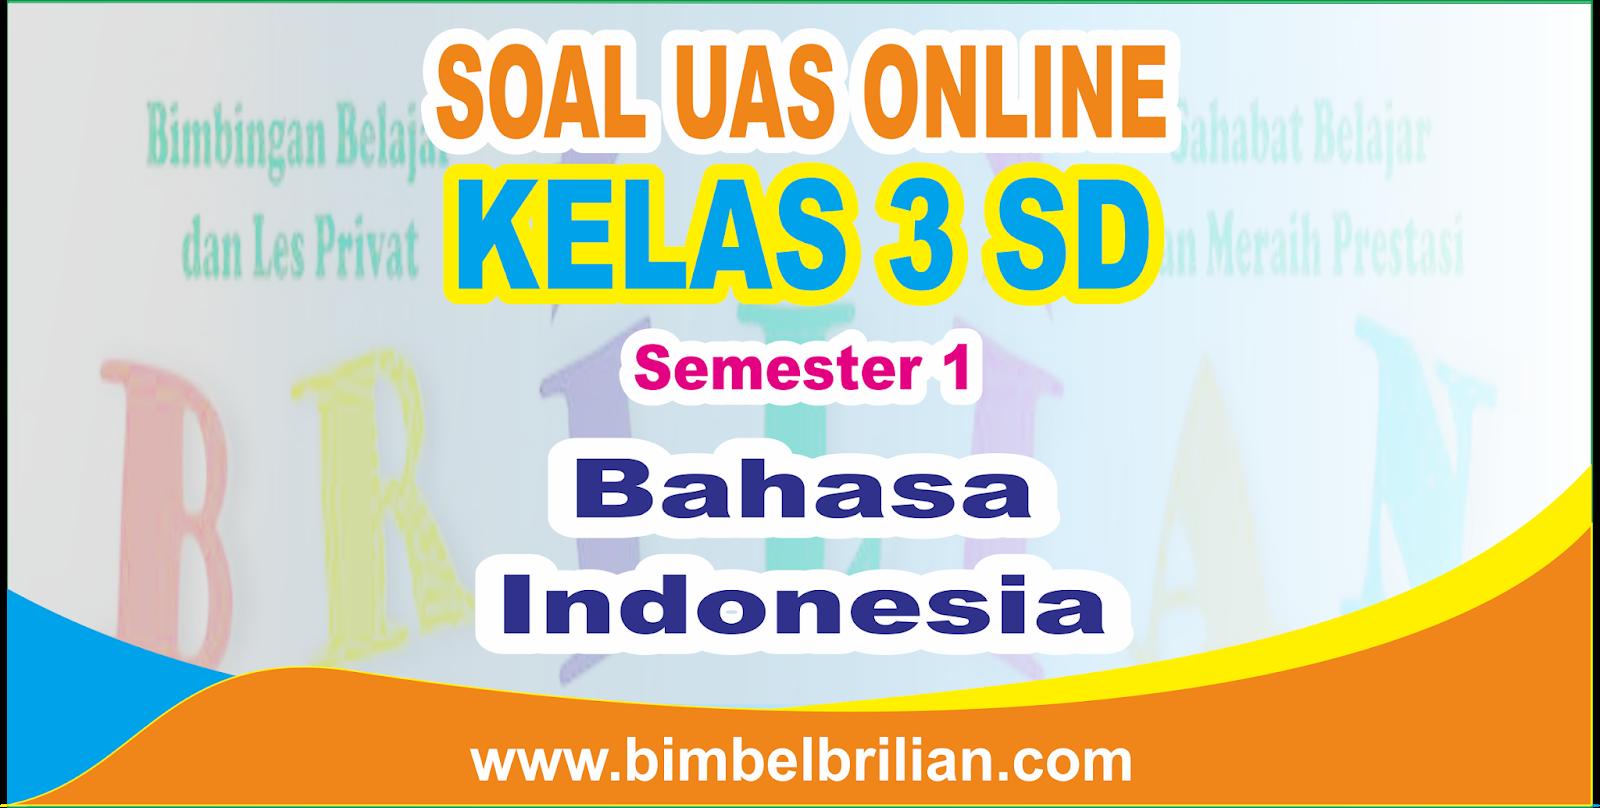 Soal Uas Bahasa Indonesia Online Kelas 3 Sd Semester 1